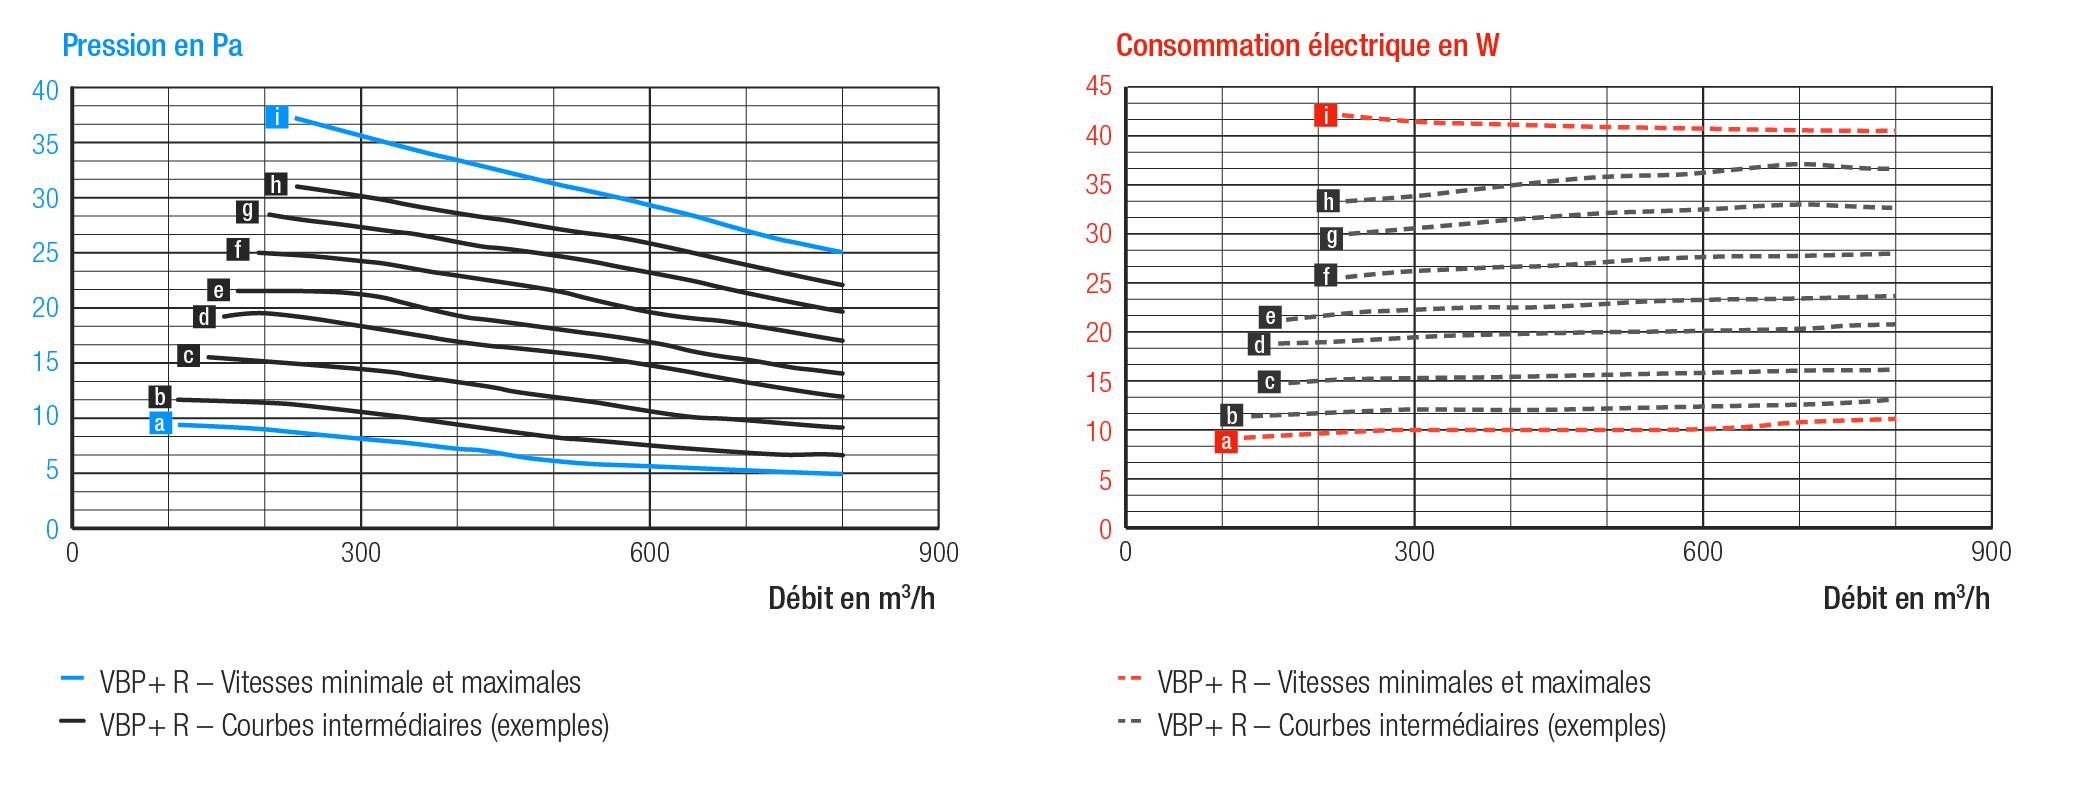 Ventilateur d'assistance pour ventilation hybride VBP+R aeraulique dimensions